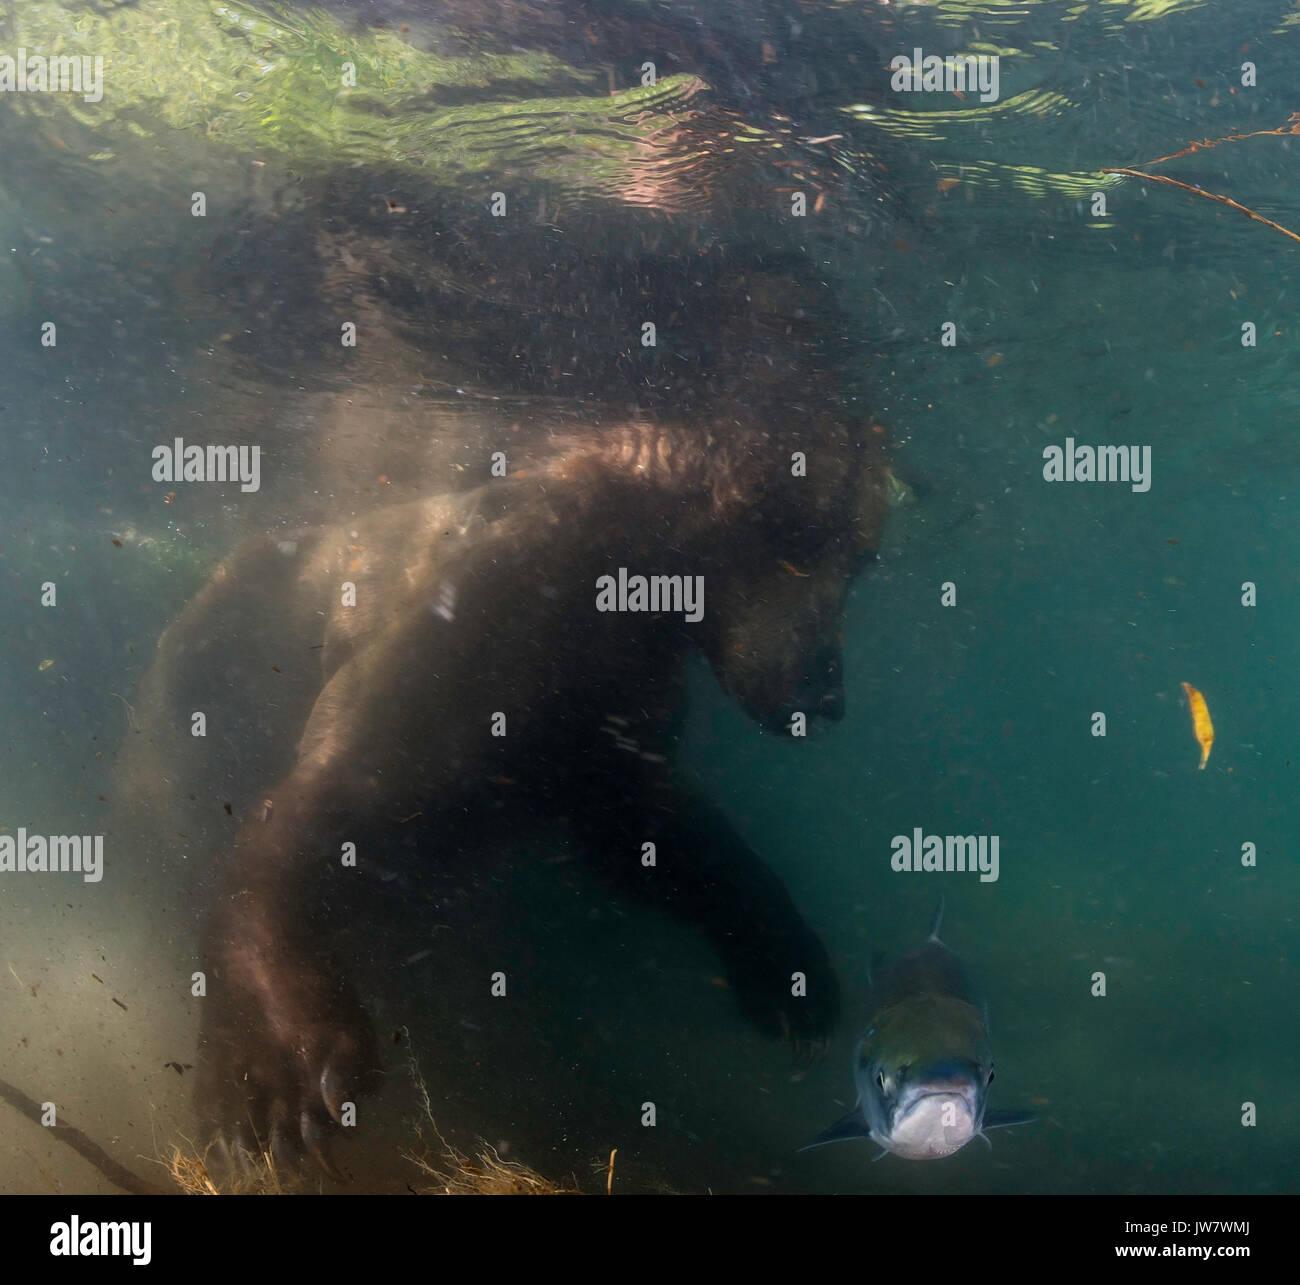 Vista submarina de un oso pardo intentando coger salmones sockeye como migran hasta el río ozernaya para desovar, Kamchatka, Rusia. Imagen De Stock